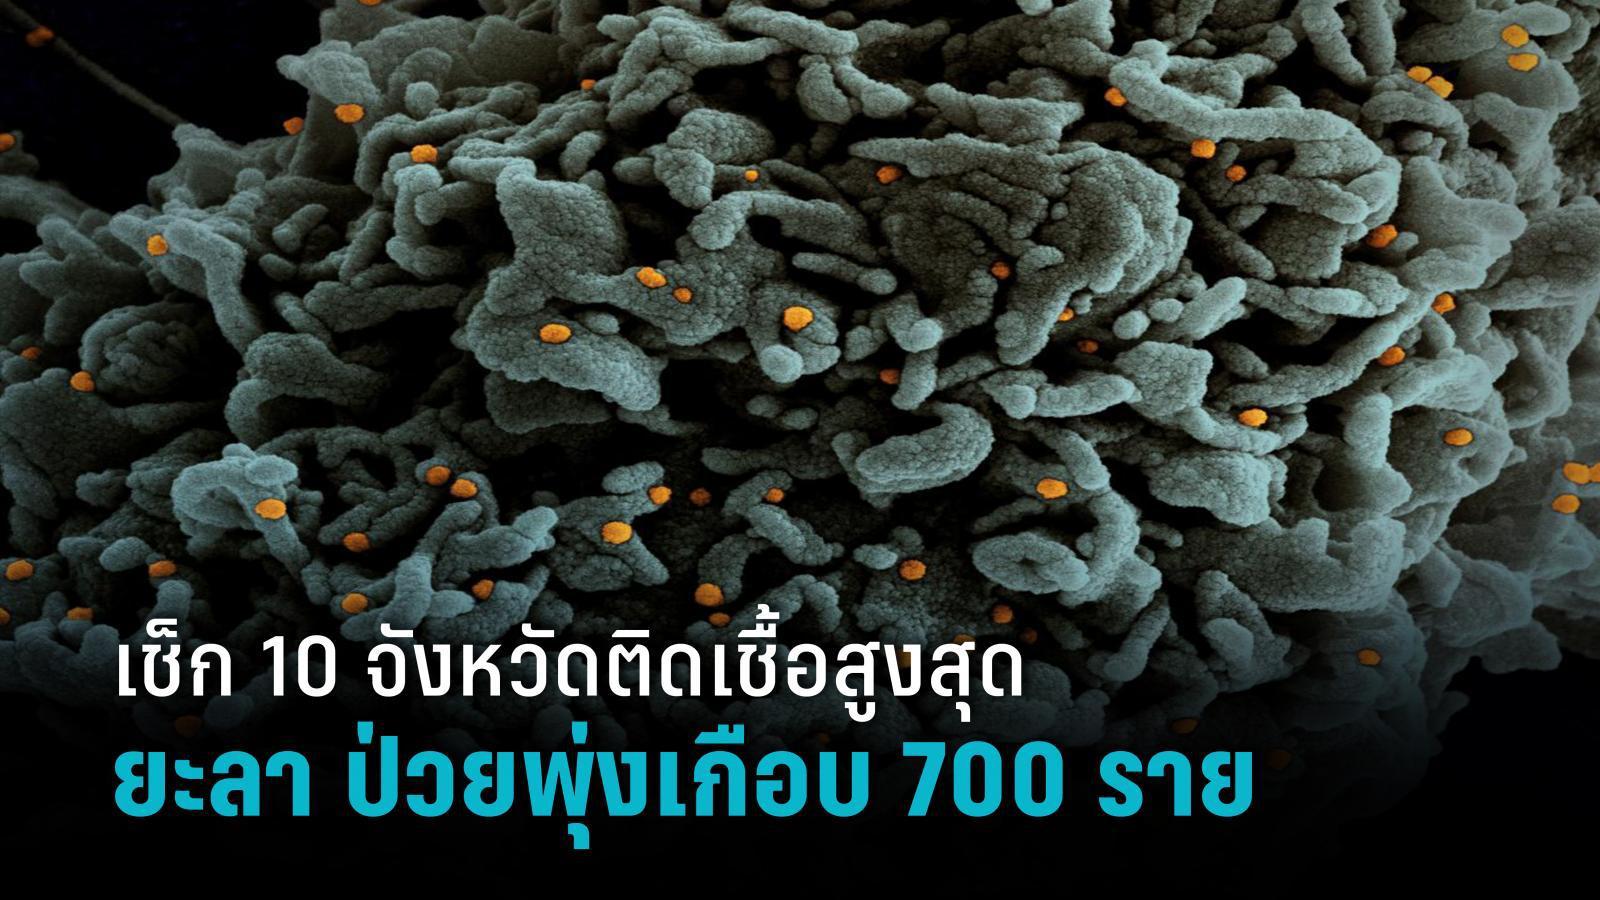 เช็ก 10 จังหวัดติดเชื้อโควิด-19 สูงสุด ยะลา น่าห่วงป่วยรายใหม่พุ่งเกือบ 700 ราย